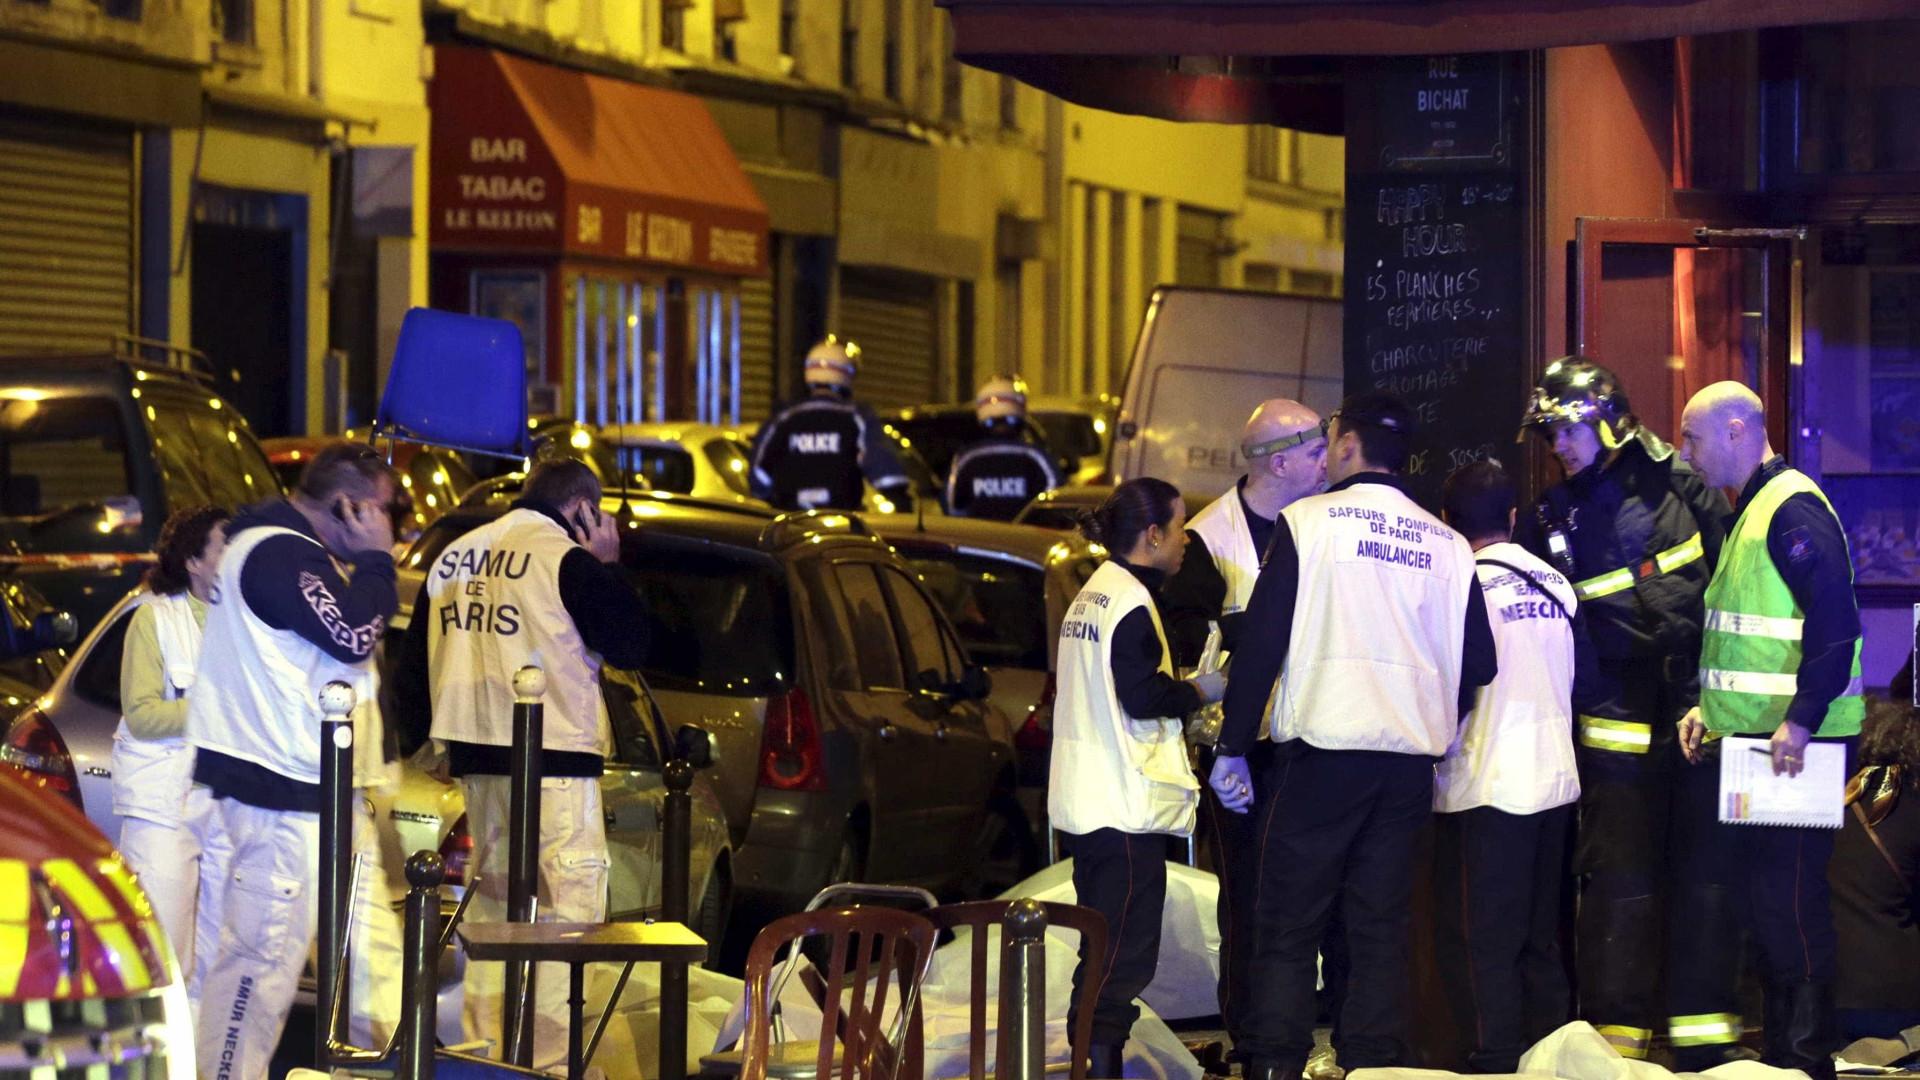 Paris registra tiroteio e explosões, diz imprensa internacional